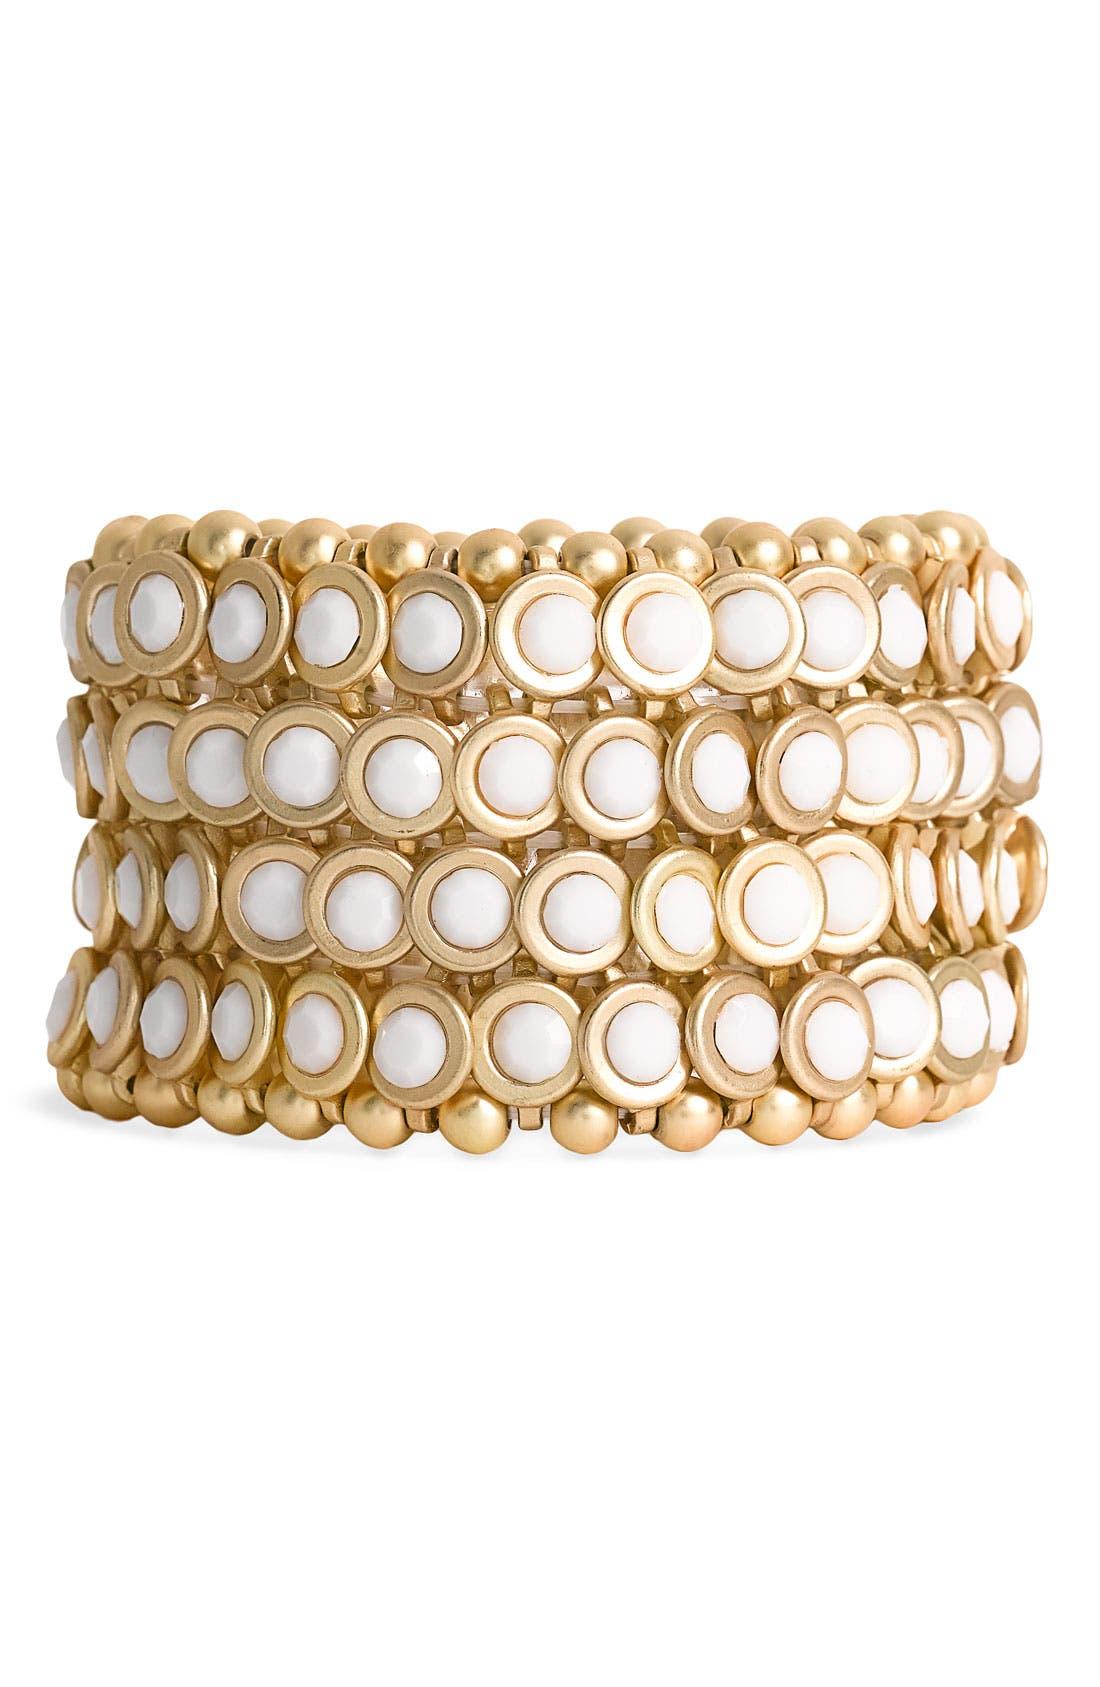 Main Image - Tasha Bezel Set Stone Stretch Bracelet